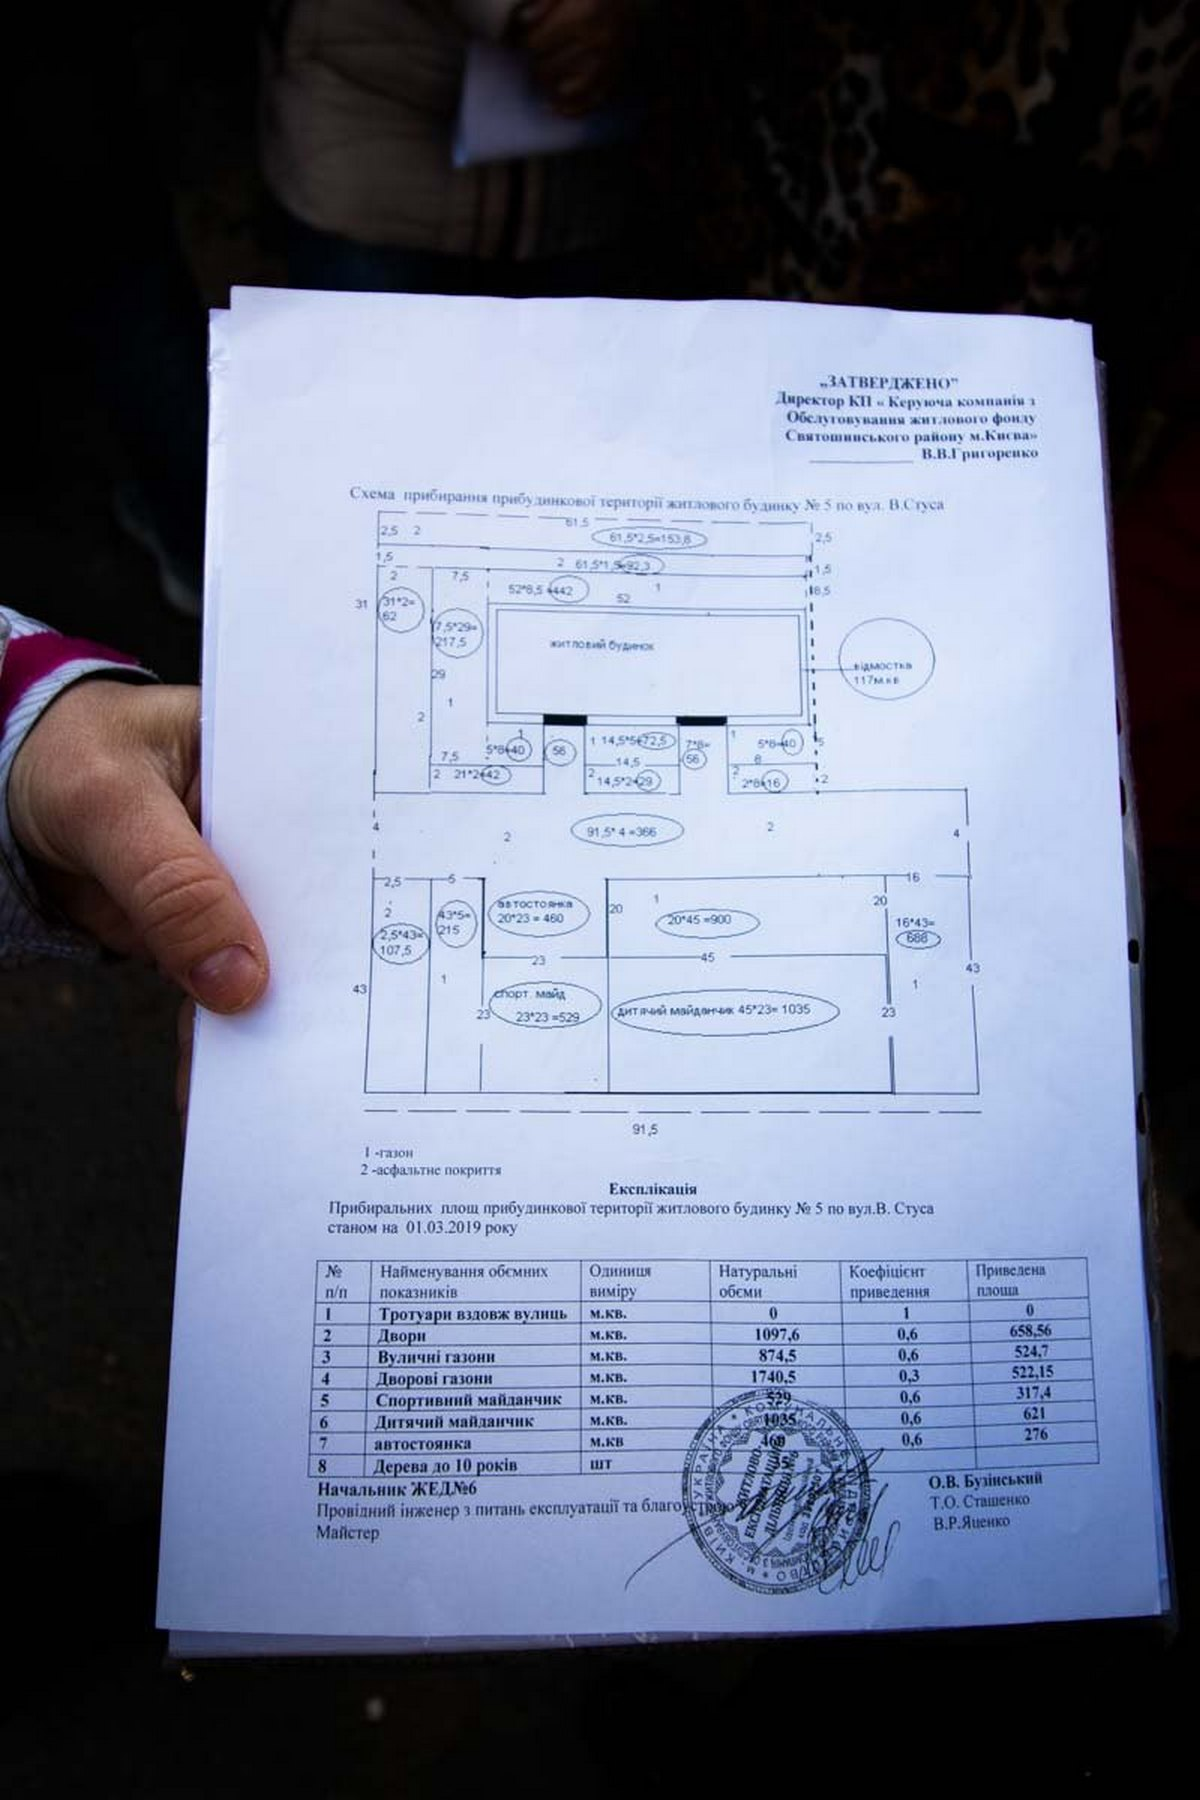 Документ, выданный жильцам Управляющей компанией по обслуживанию жилого фонда Святошинского района